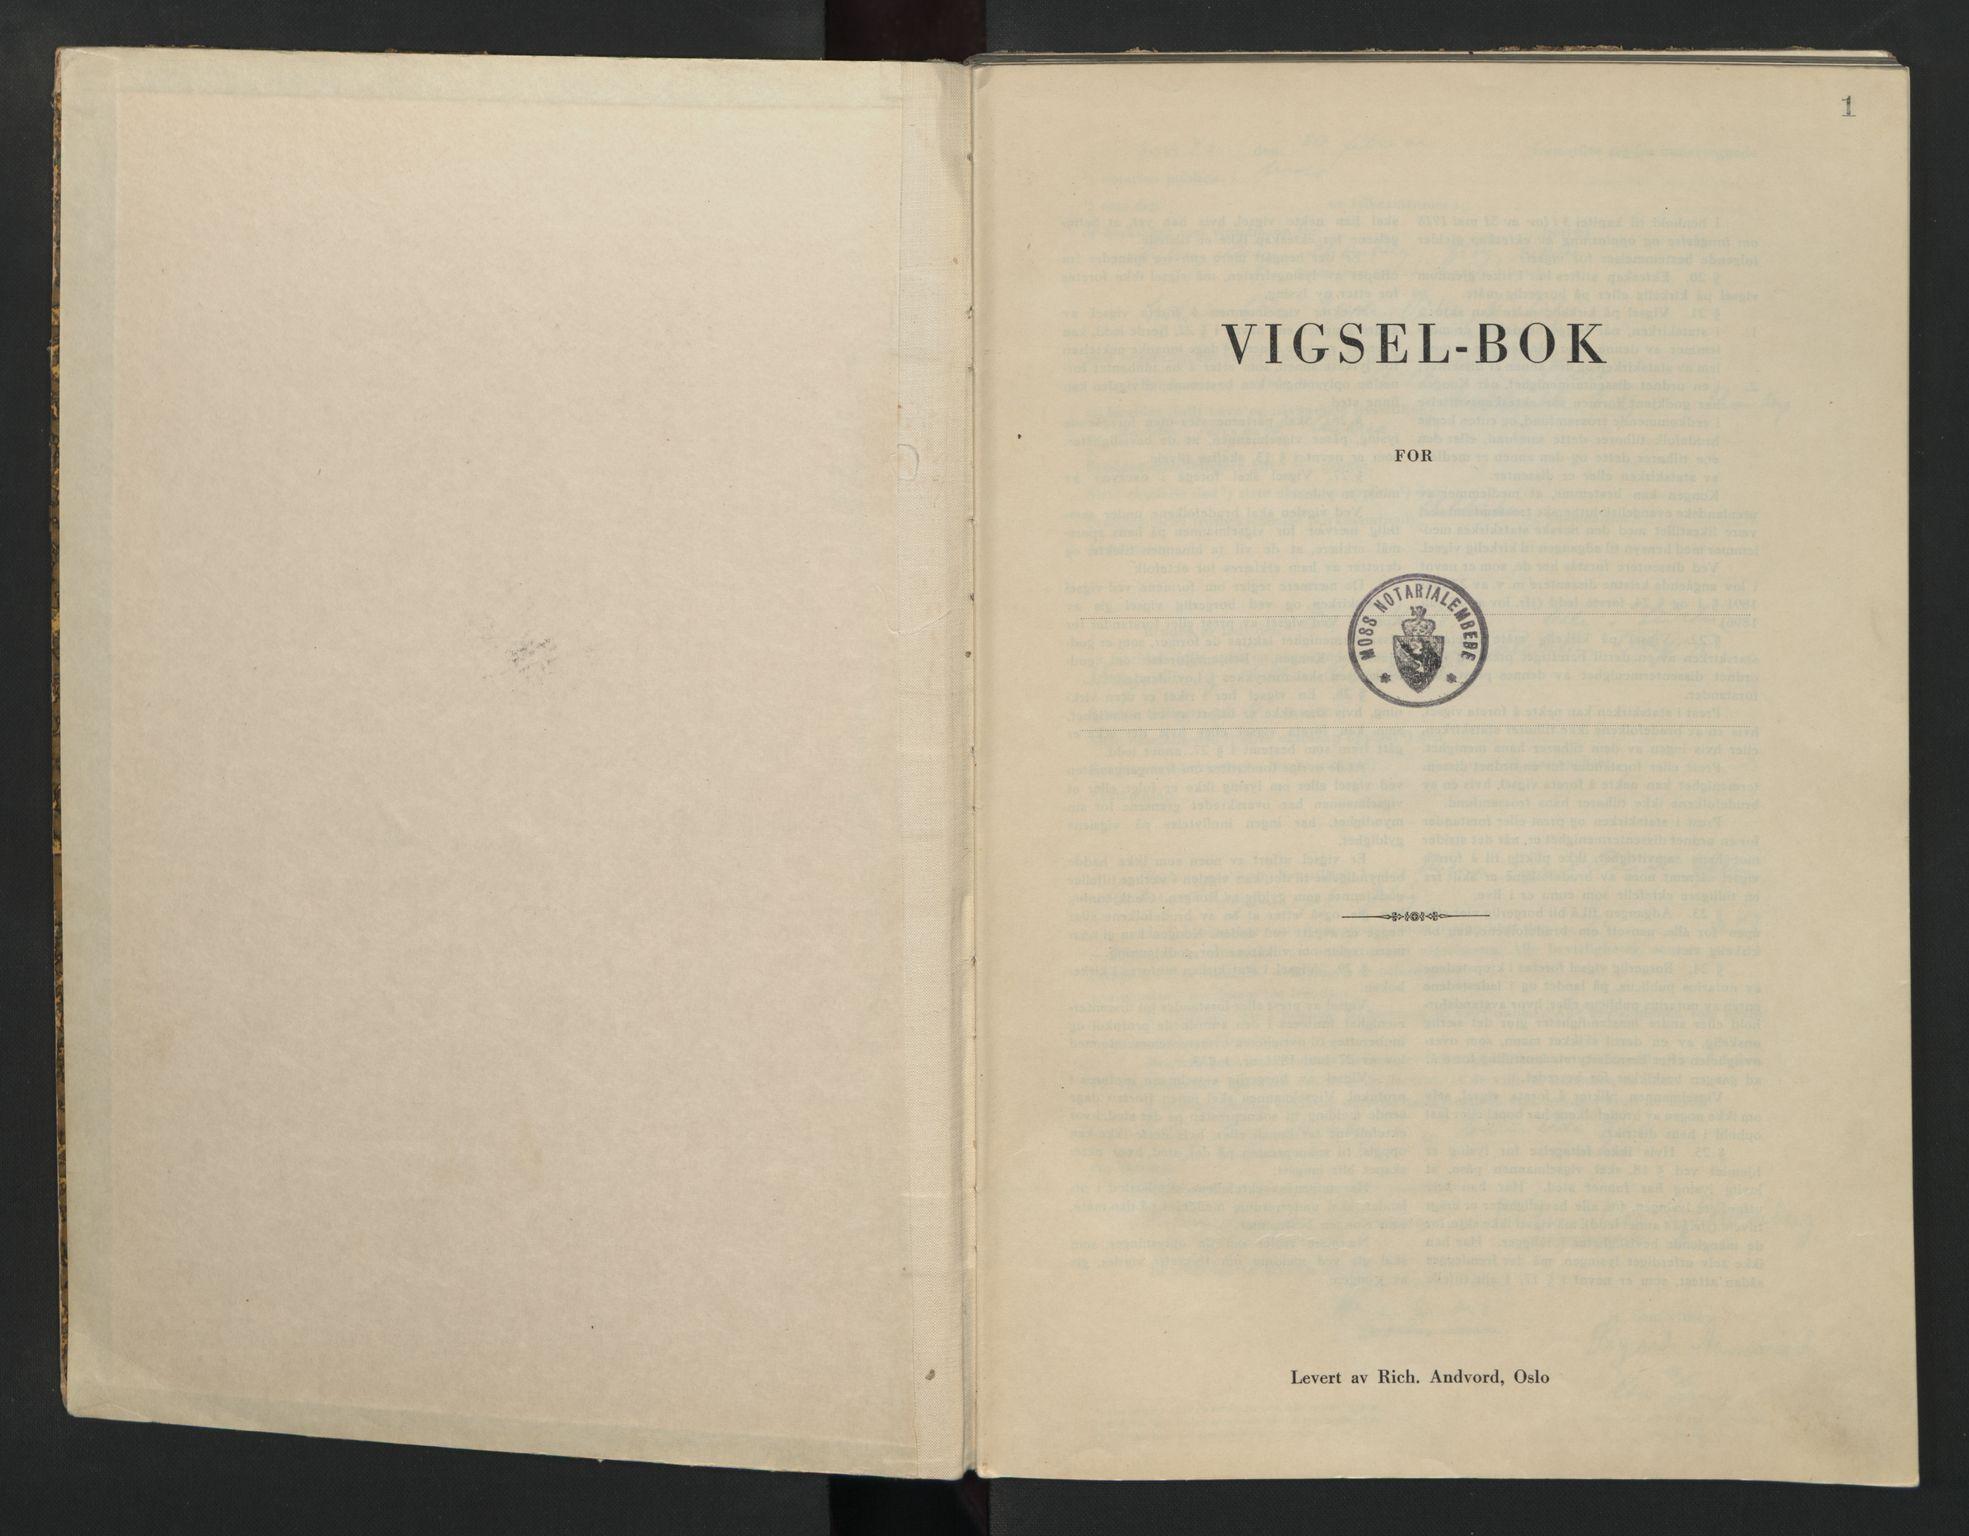 SAO, Moss sorenskriveri, 1943, s. 1